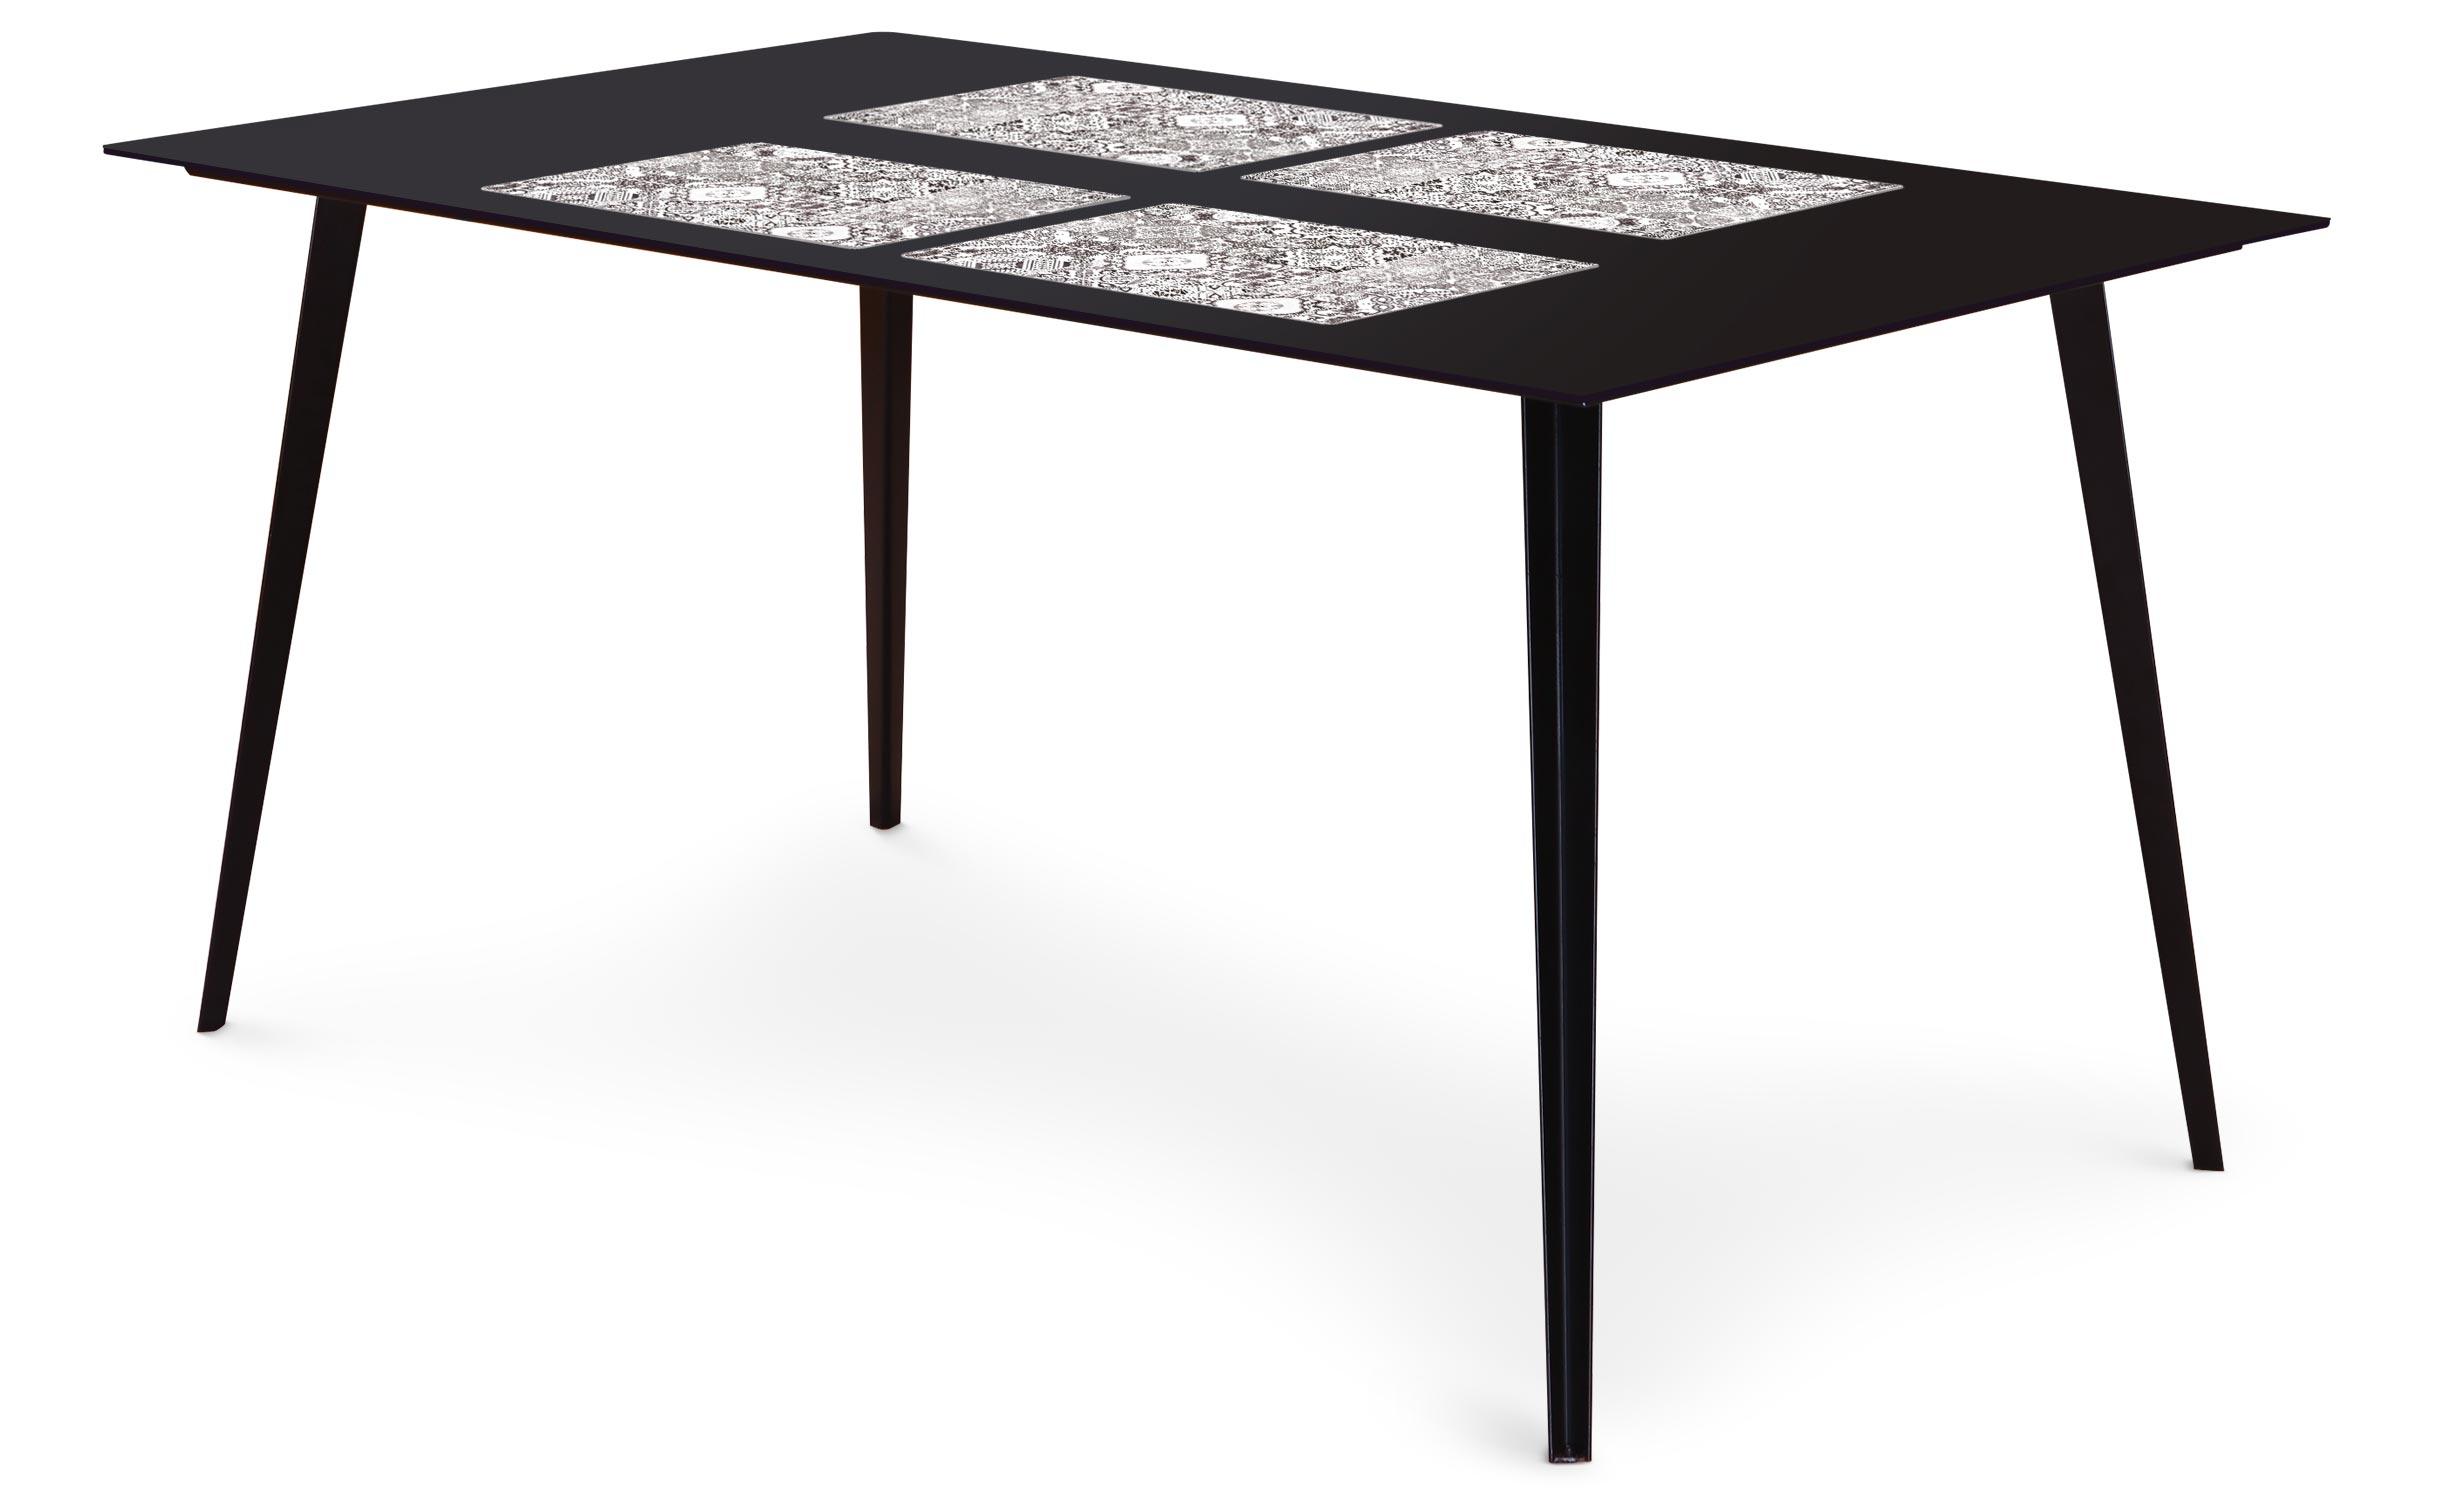 Table magnétique rectangulaire 150x90cm Bipolart Métal Noir avec 4 Sets de table Carreaux de ciment vintage